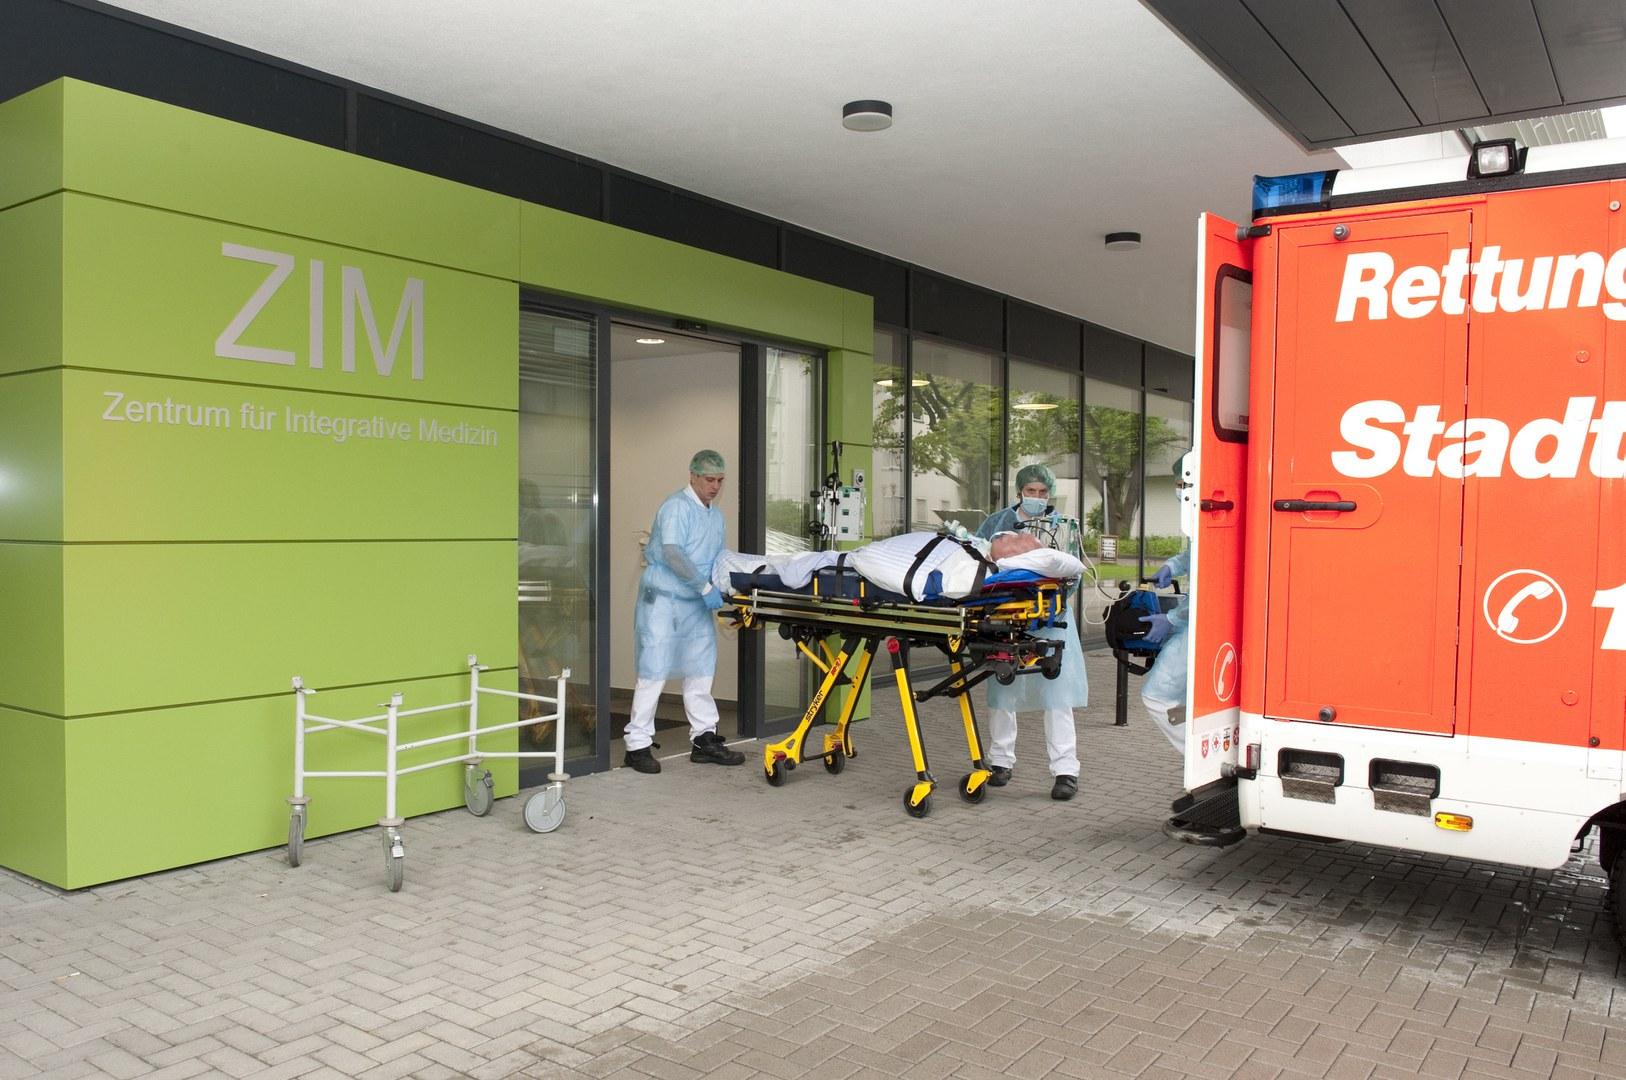 Einzug in das Zentrum für Integrative Medizin (ZIM):